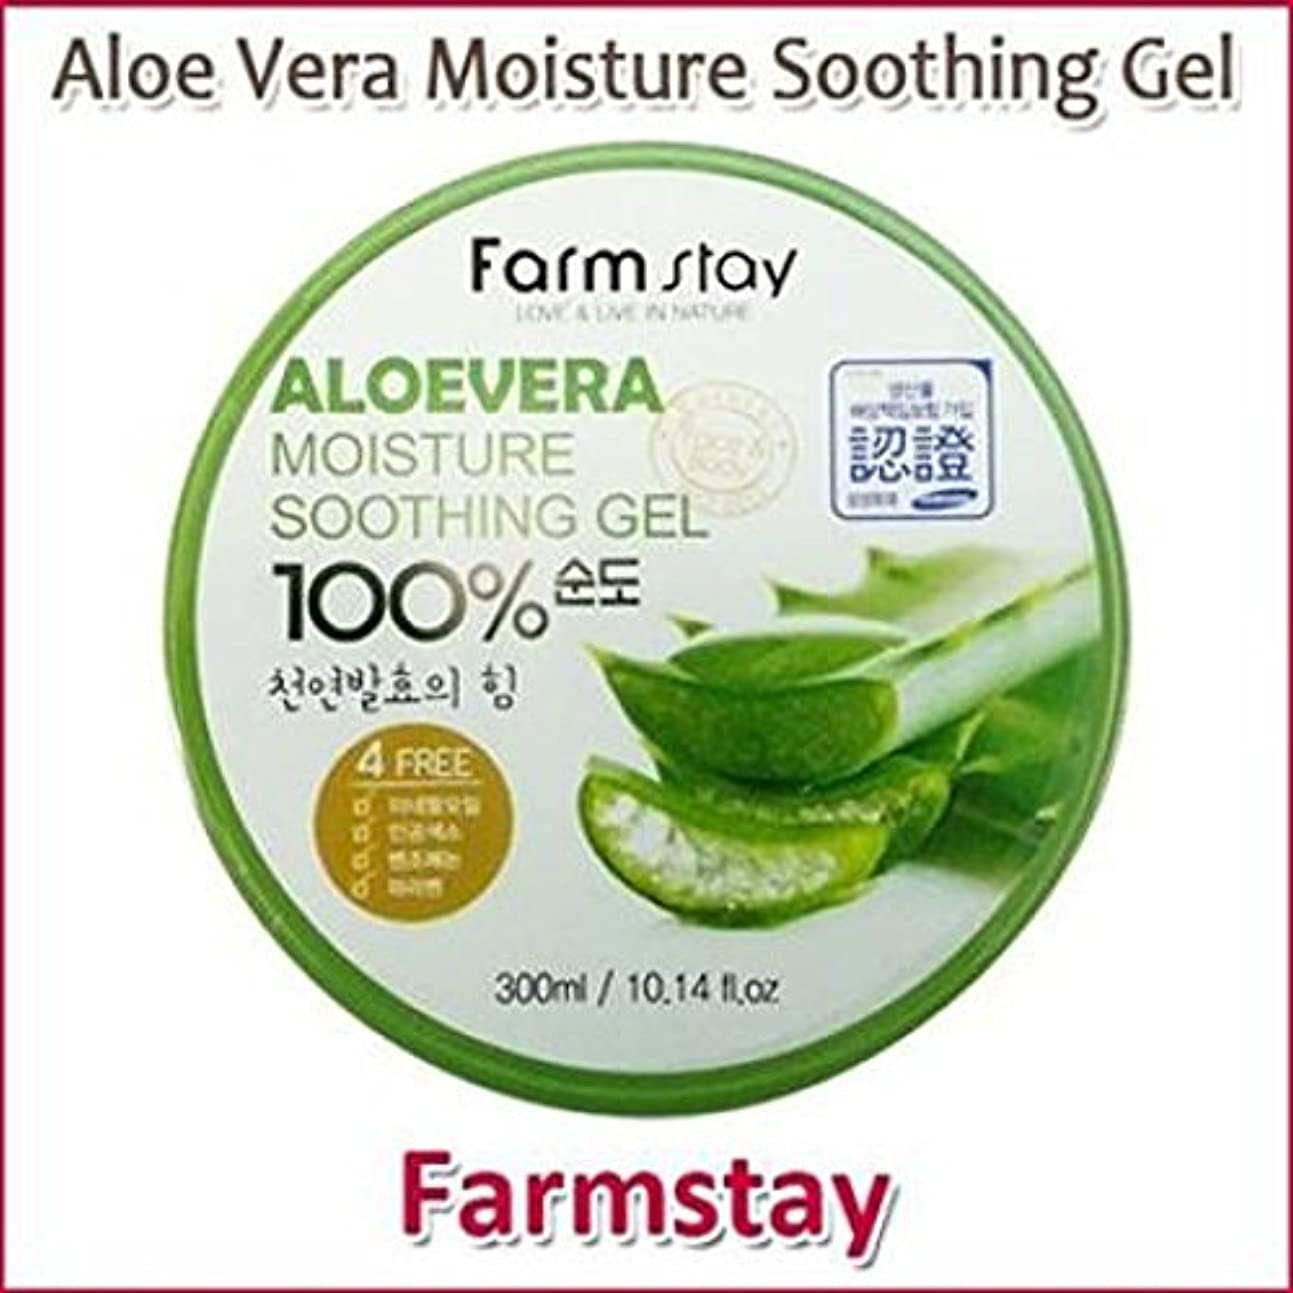 君主起点難しいFarm Stay Aloe Vera Moisture Soothing Gel 300ml /オーガニック アロエベラゲル 100%/保湿ケア/韓国コスメ/Aloe Vera 100% /Moisturizing [...